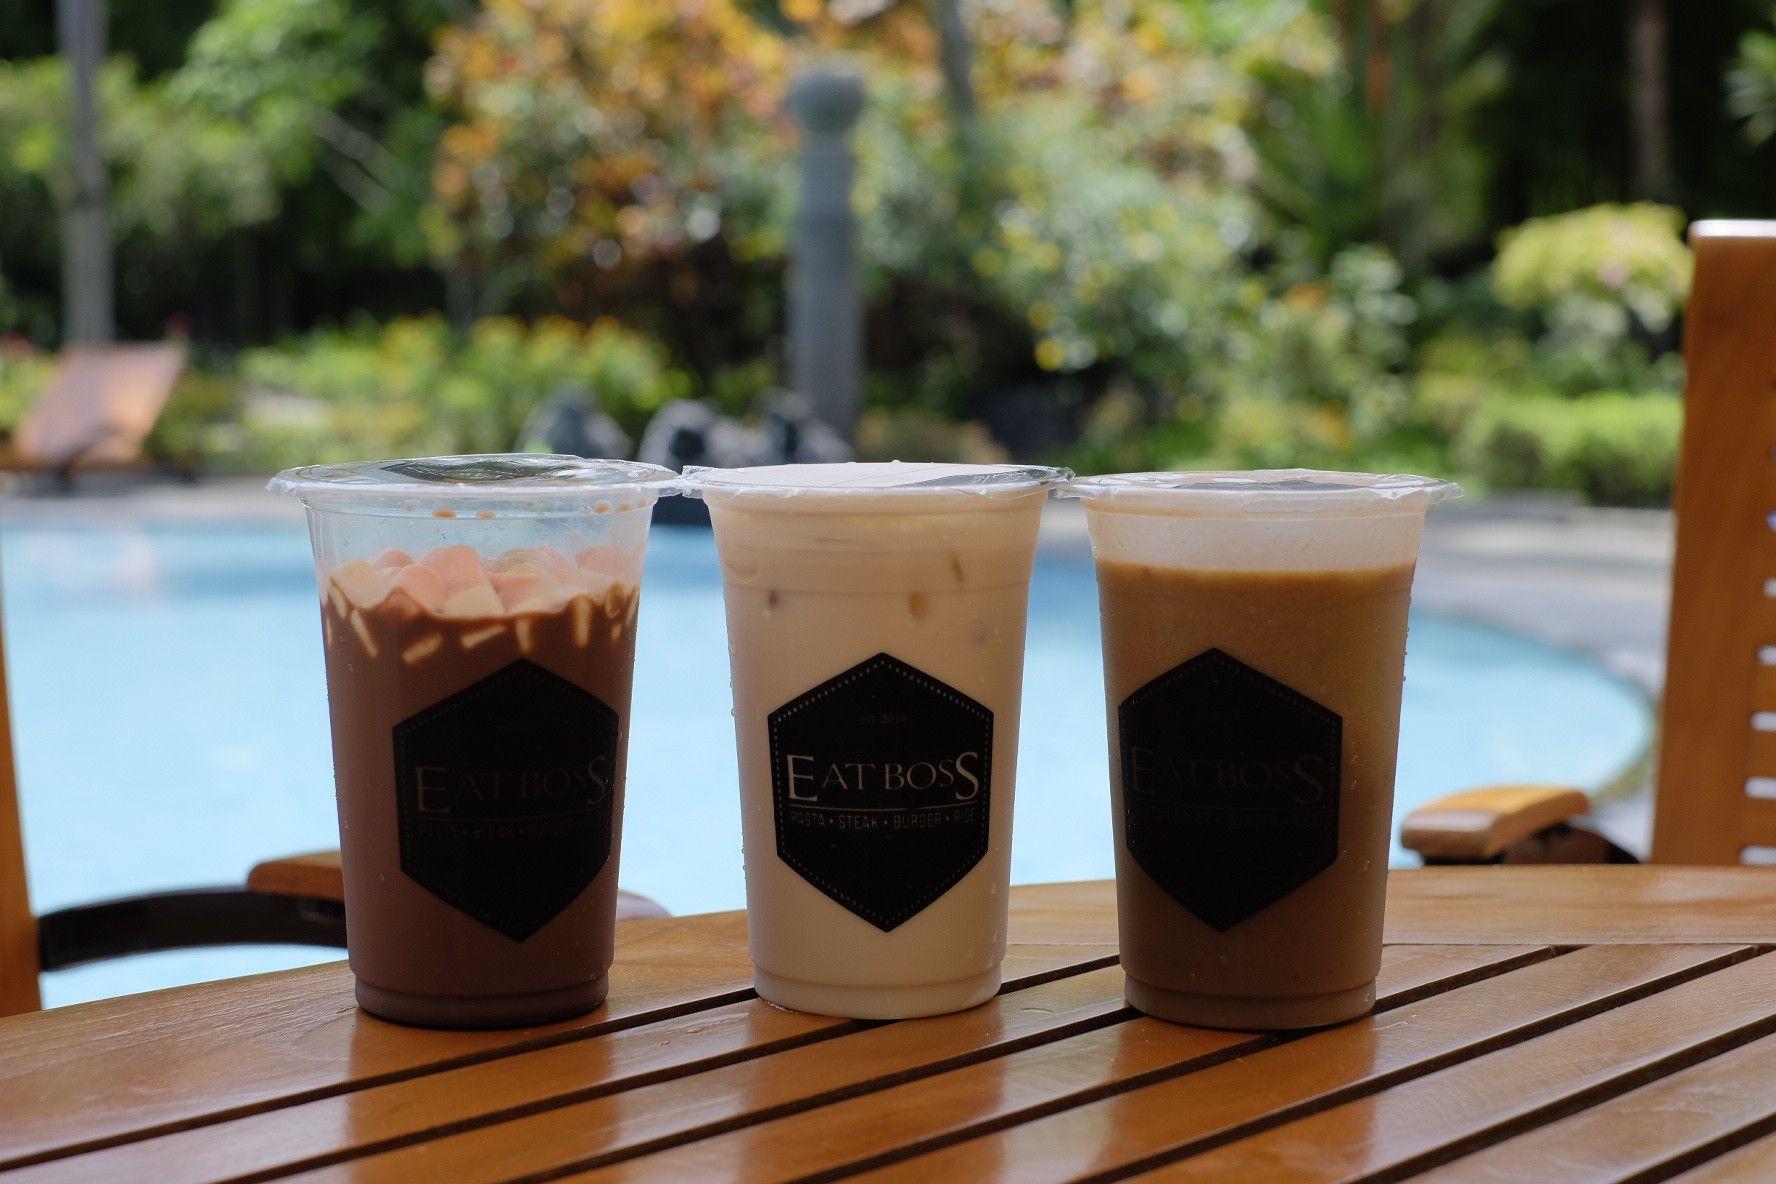 Mencari Tempat Makanan Kekinian di Jogja? Ini Lima Tempat yang Harus Kamu Kunjungi